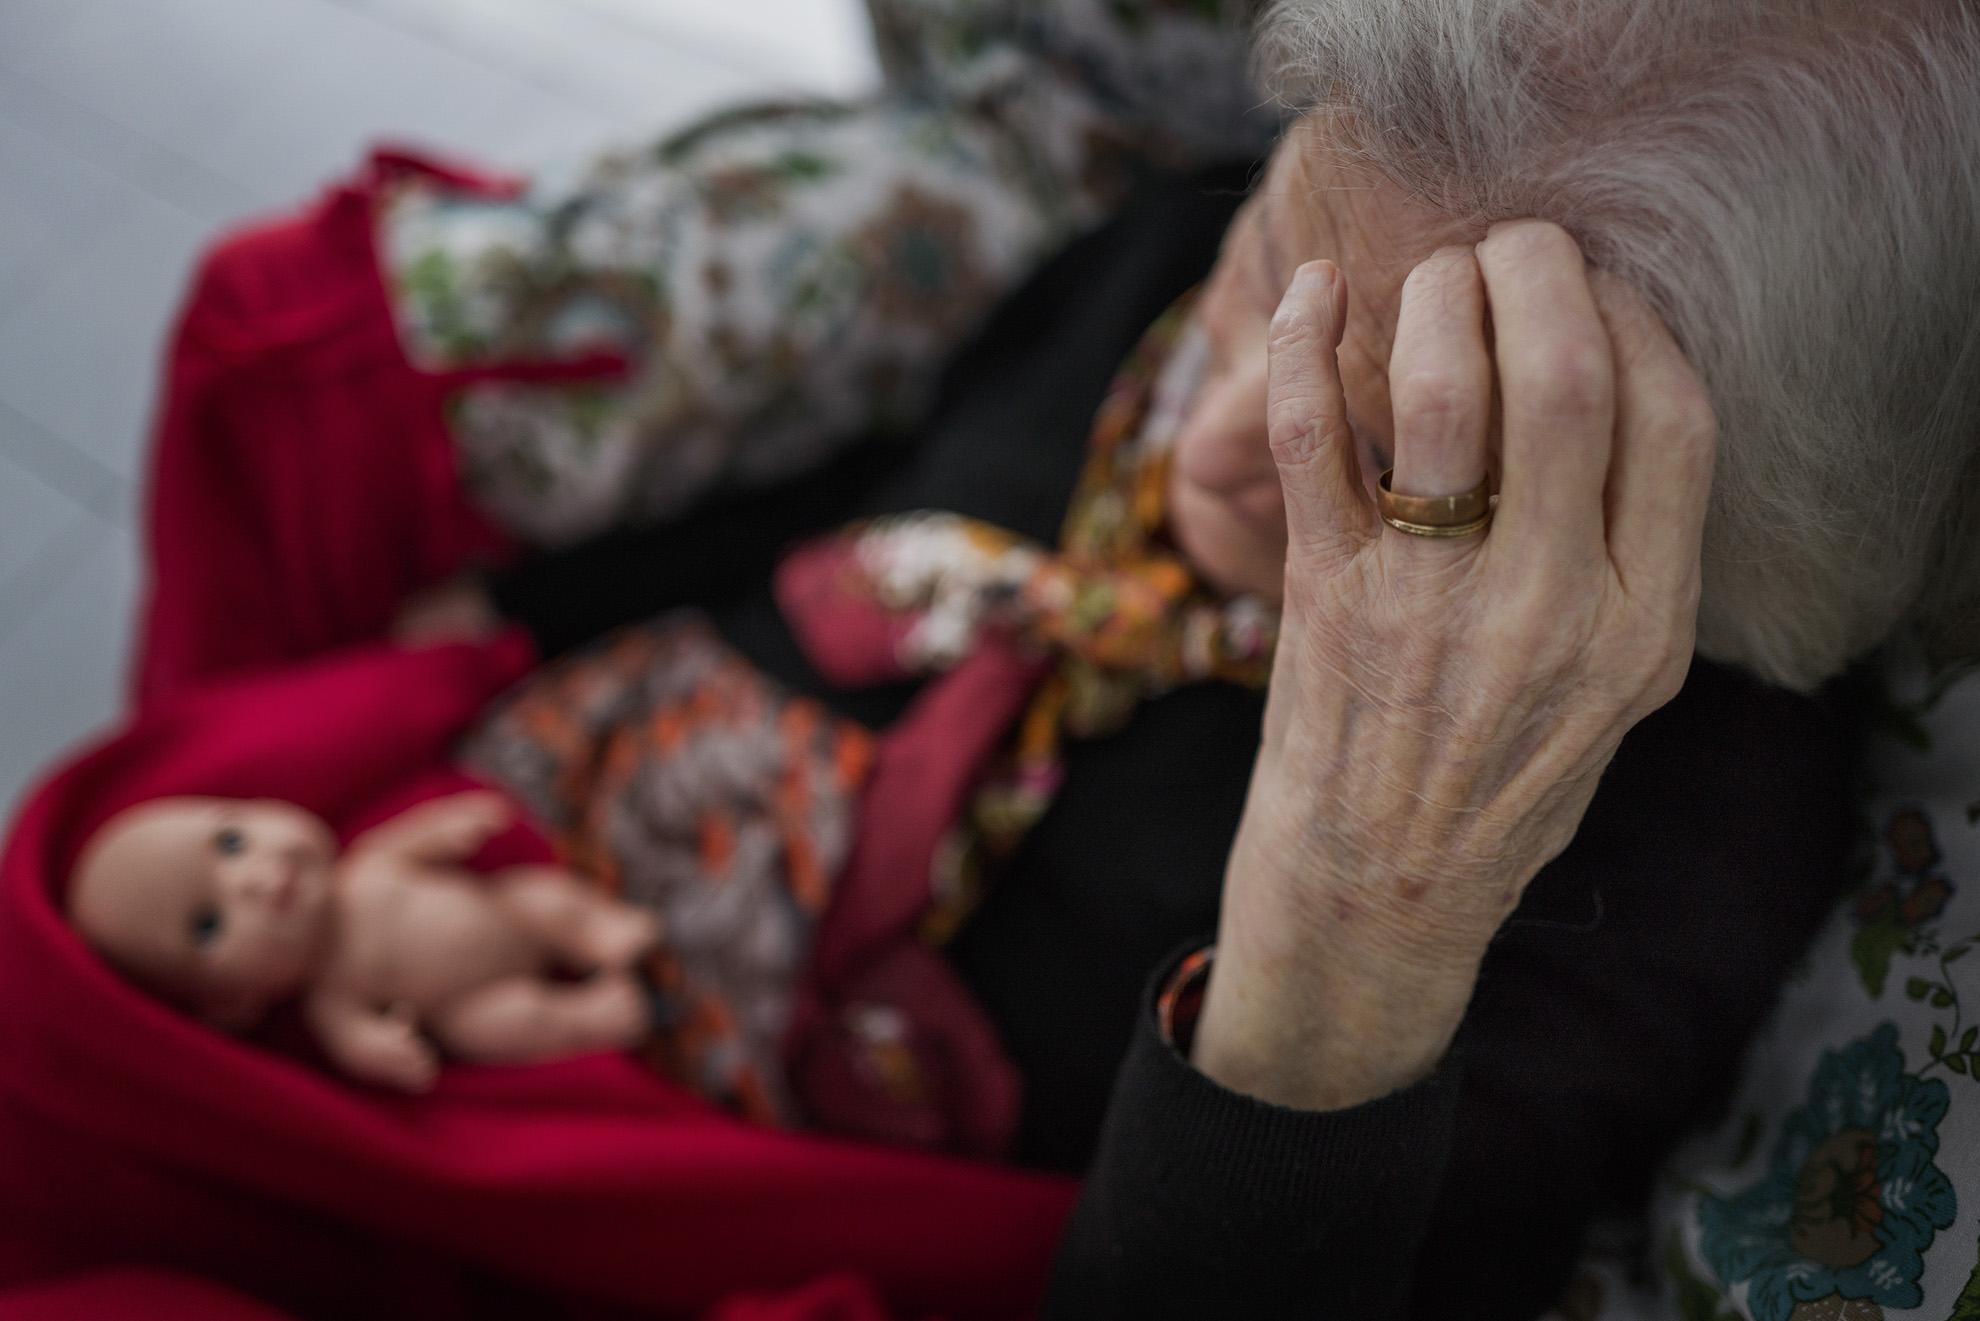 """masculino. La señora Feli tenía 4 años. La Segunda República Española fue el régimen democrático que existió en España entre el 14 de abril de 1931, fecha de su proclamación, en sustitución de la monarquía de Alfonso XIII, y el 1 de abril de 1939, fecha del final de la Guerra Civil, que dio paso a la dictadura franquista. La señora Feli, tenía 15 años en la segunda Republica y 24 años al final de la guerra. Alrededor de los 34 años, le tocó vivir la España del hambre. Cuando ella tenía alrededor de los 45, llega a España el rock, ye-ye y beat en la primera mitad de los años 60. En 1975, ¡la Transición!, historia contemporánea de España en el que se llevó a cabo el proceso por el que el país """"dejó atrás"""" el régimen dictatorial del general Francisco Franco y pasó a regirse por una Constitución que restauraba """"la democracia"""". La señora Feli, estuvo ahí. ¡Qué noche la de aquel año! 1985: 'Lista de éxitos', 'Aquel año' y 'Qué era de' (por Moncho Alpuente y El Gran Wyoming) y las actuaciones de Gabinete Caligari, Hombres G, Paco Clavel, Alarma y Miguel Ríos. Puede que la señora Feli, lo viera en directo en su televisor. Y me quedo sin espacio... ¡Pero ella aún nos mira!"""